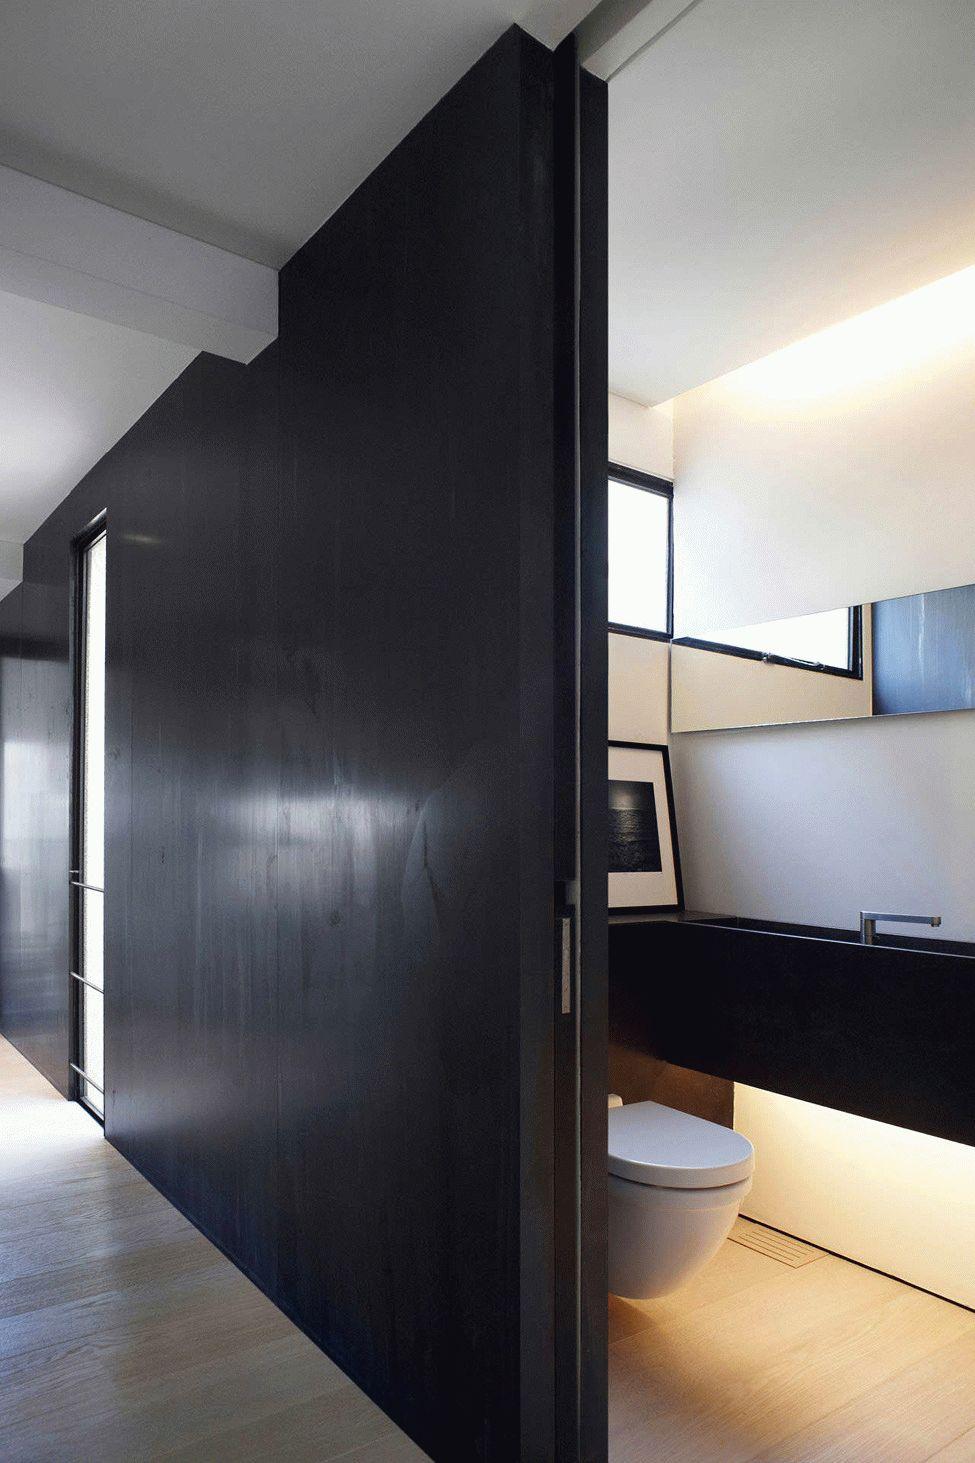 Черная раздвижная дверь высотой от пола до потолка